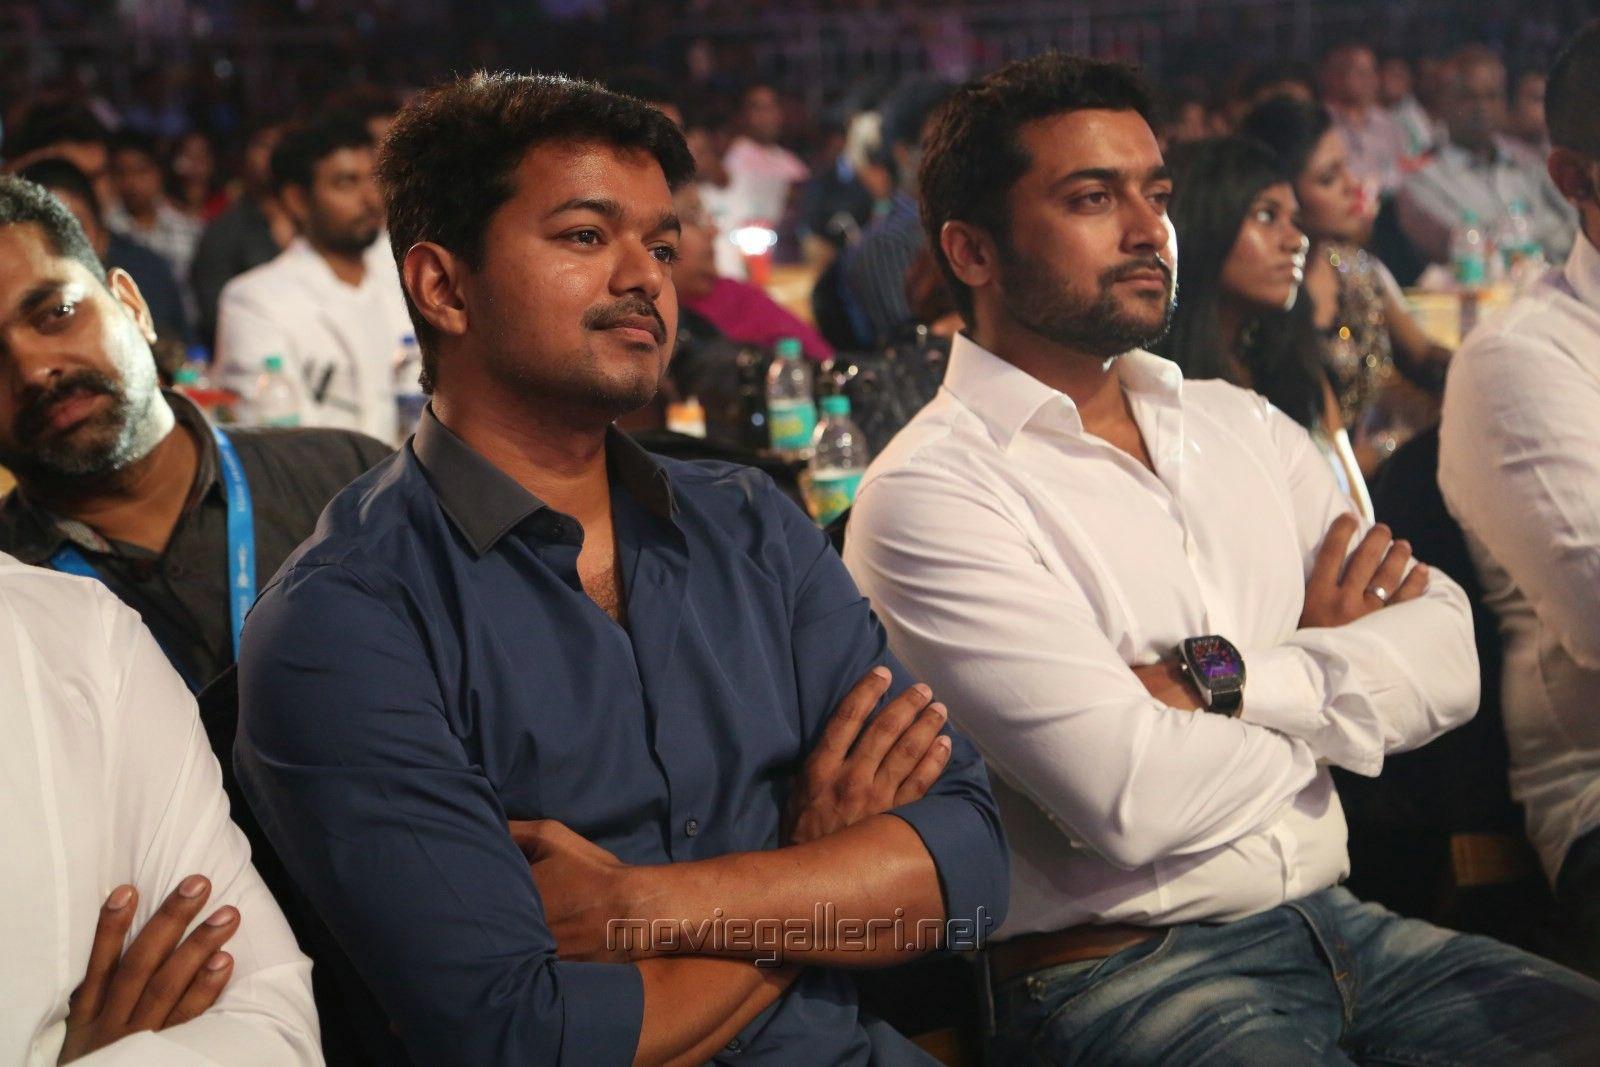 Vijay and Suriya at Vijay Awards 2014 | Veethi | Actor photo, Surya actor,  Actor picture